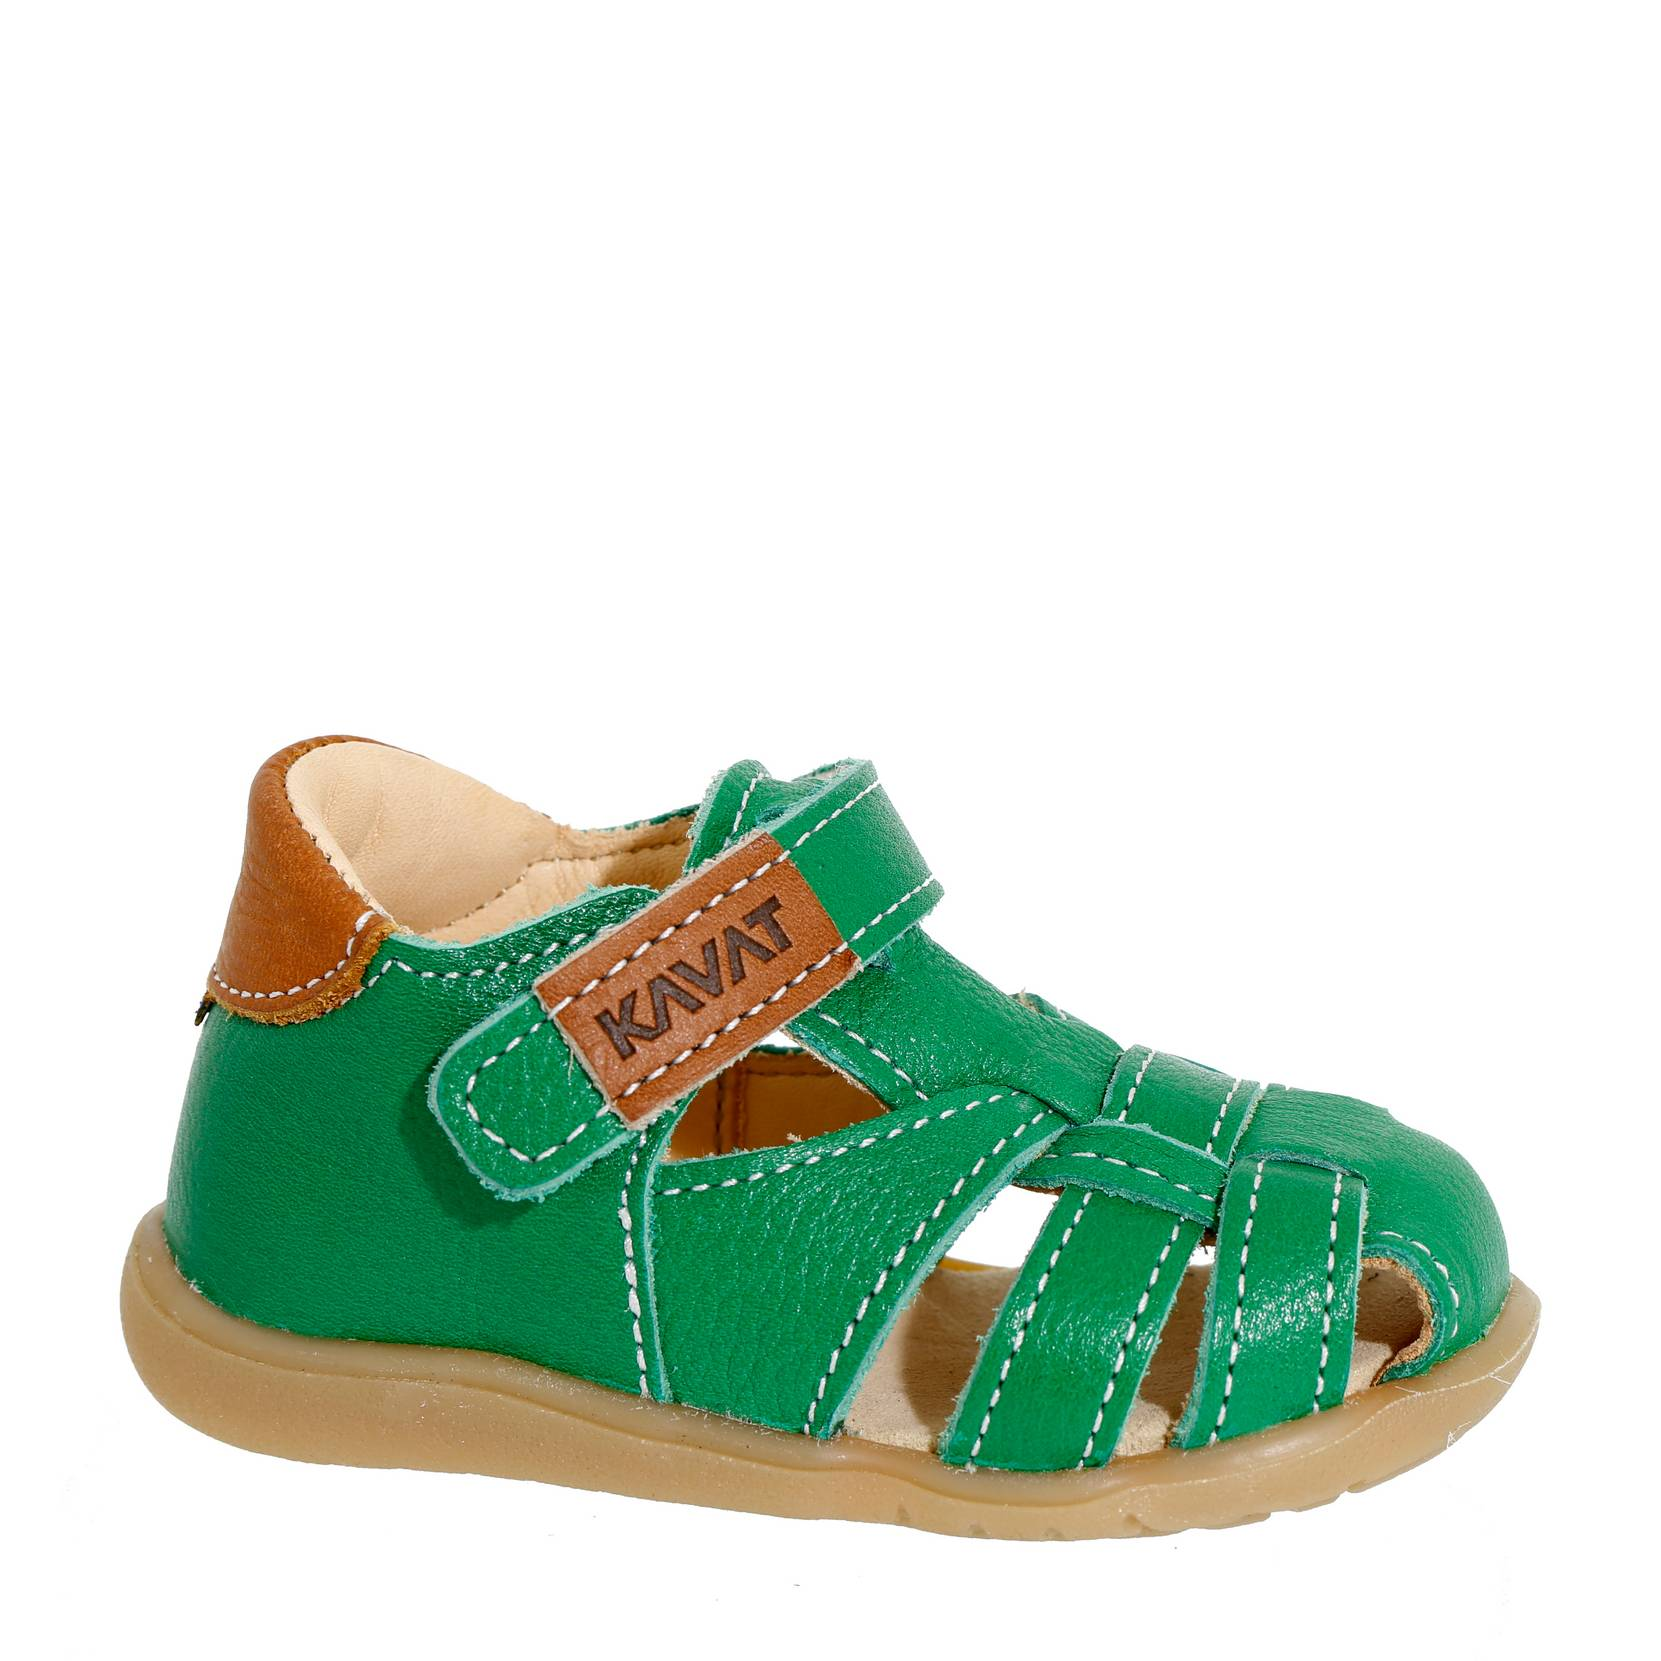 Sandal Rullsand Eco af økologisk skind Kavat Sandaler til Børn i Grøn